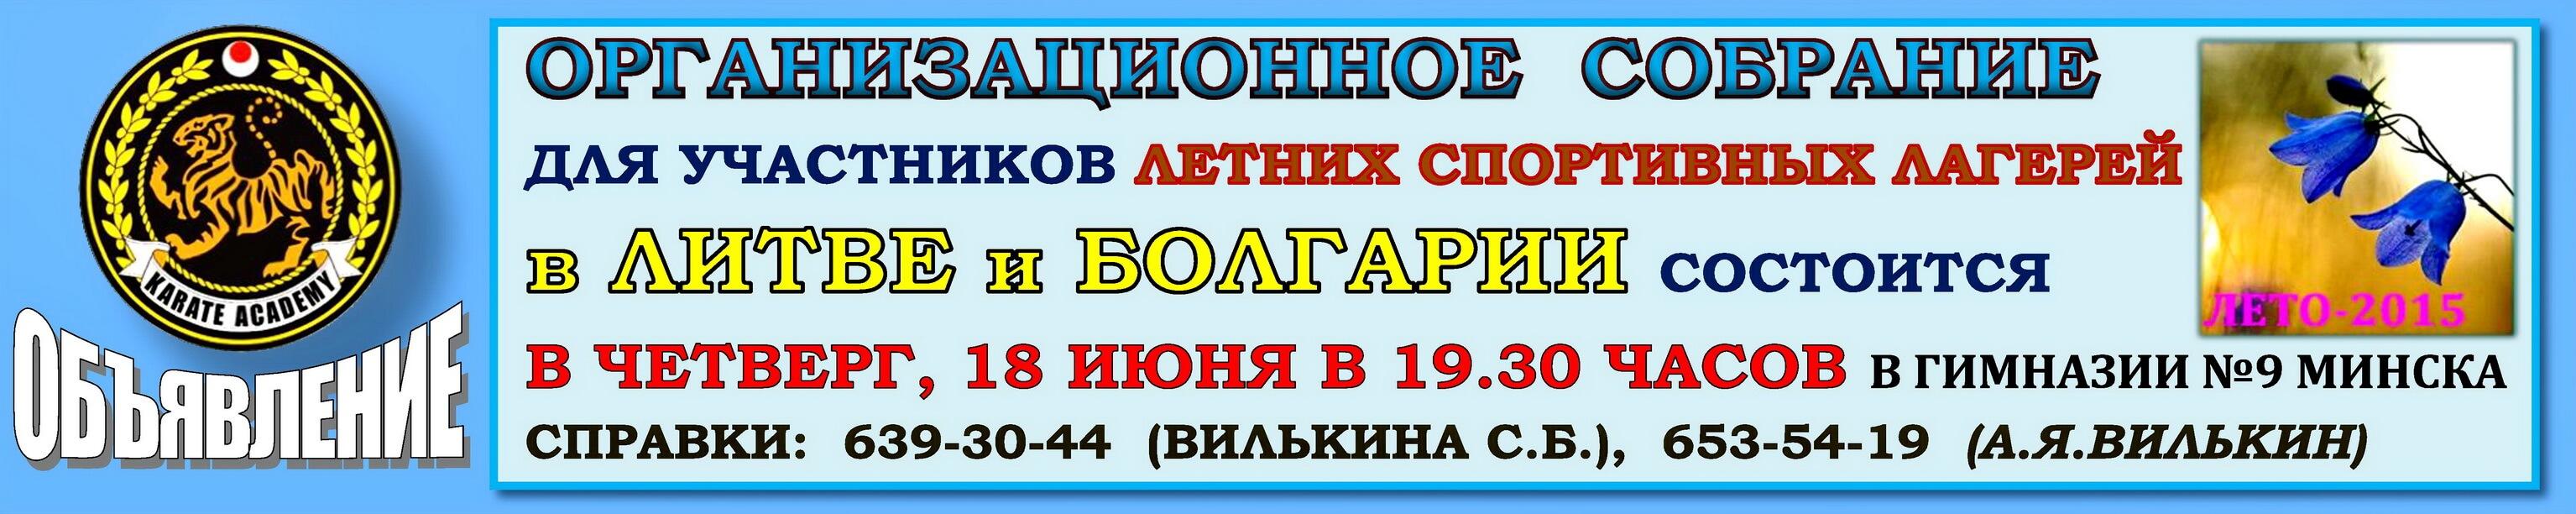 АК Собрание 2015-06-18 50п